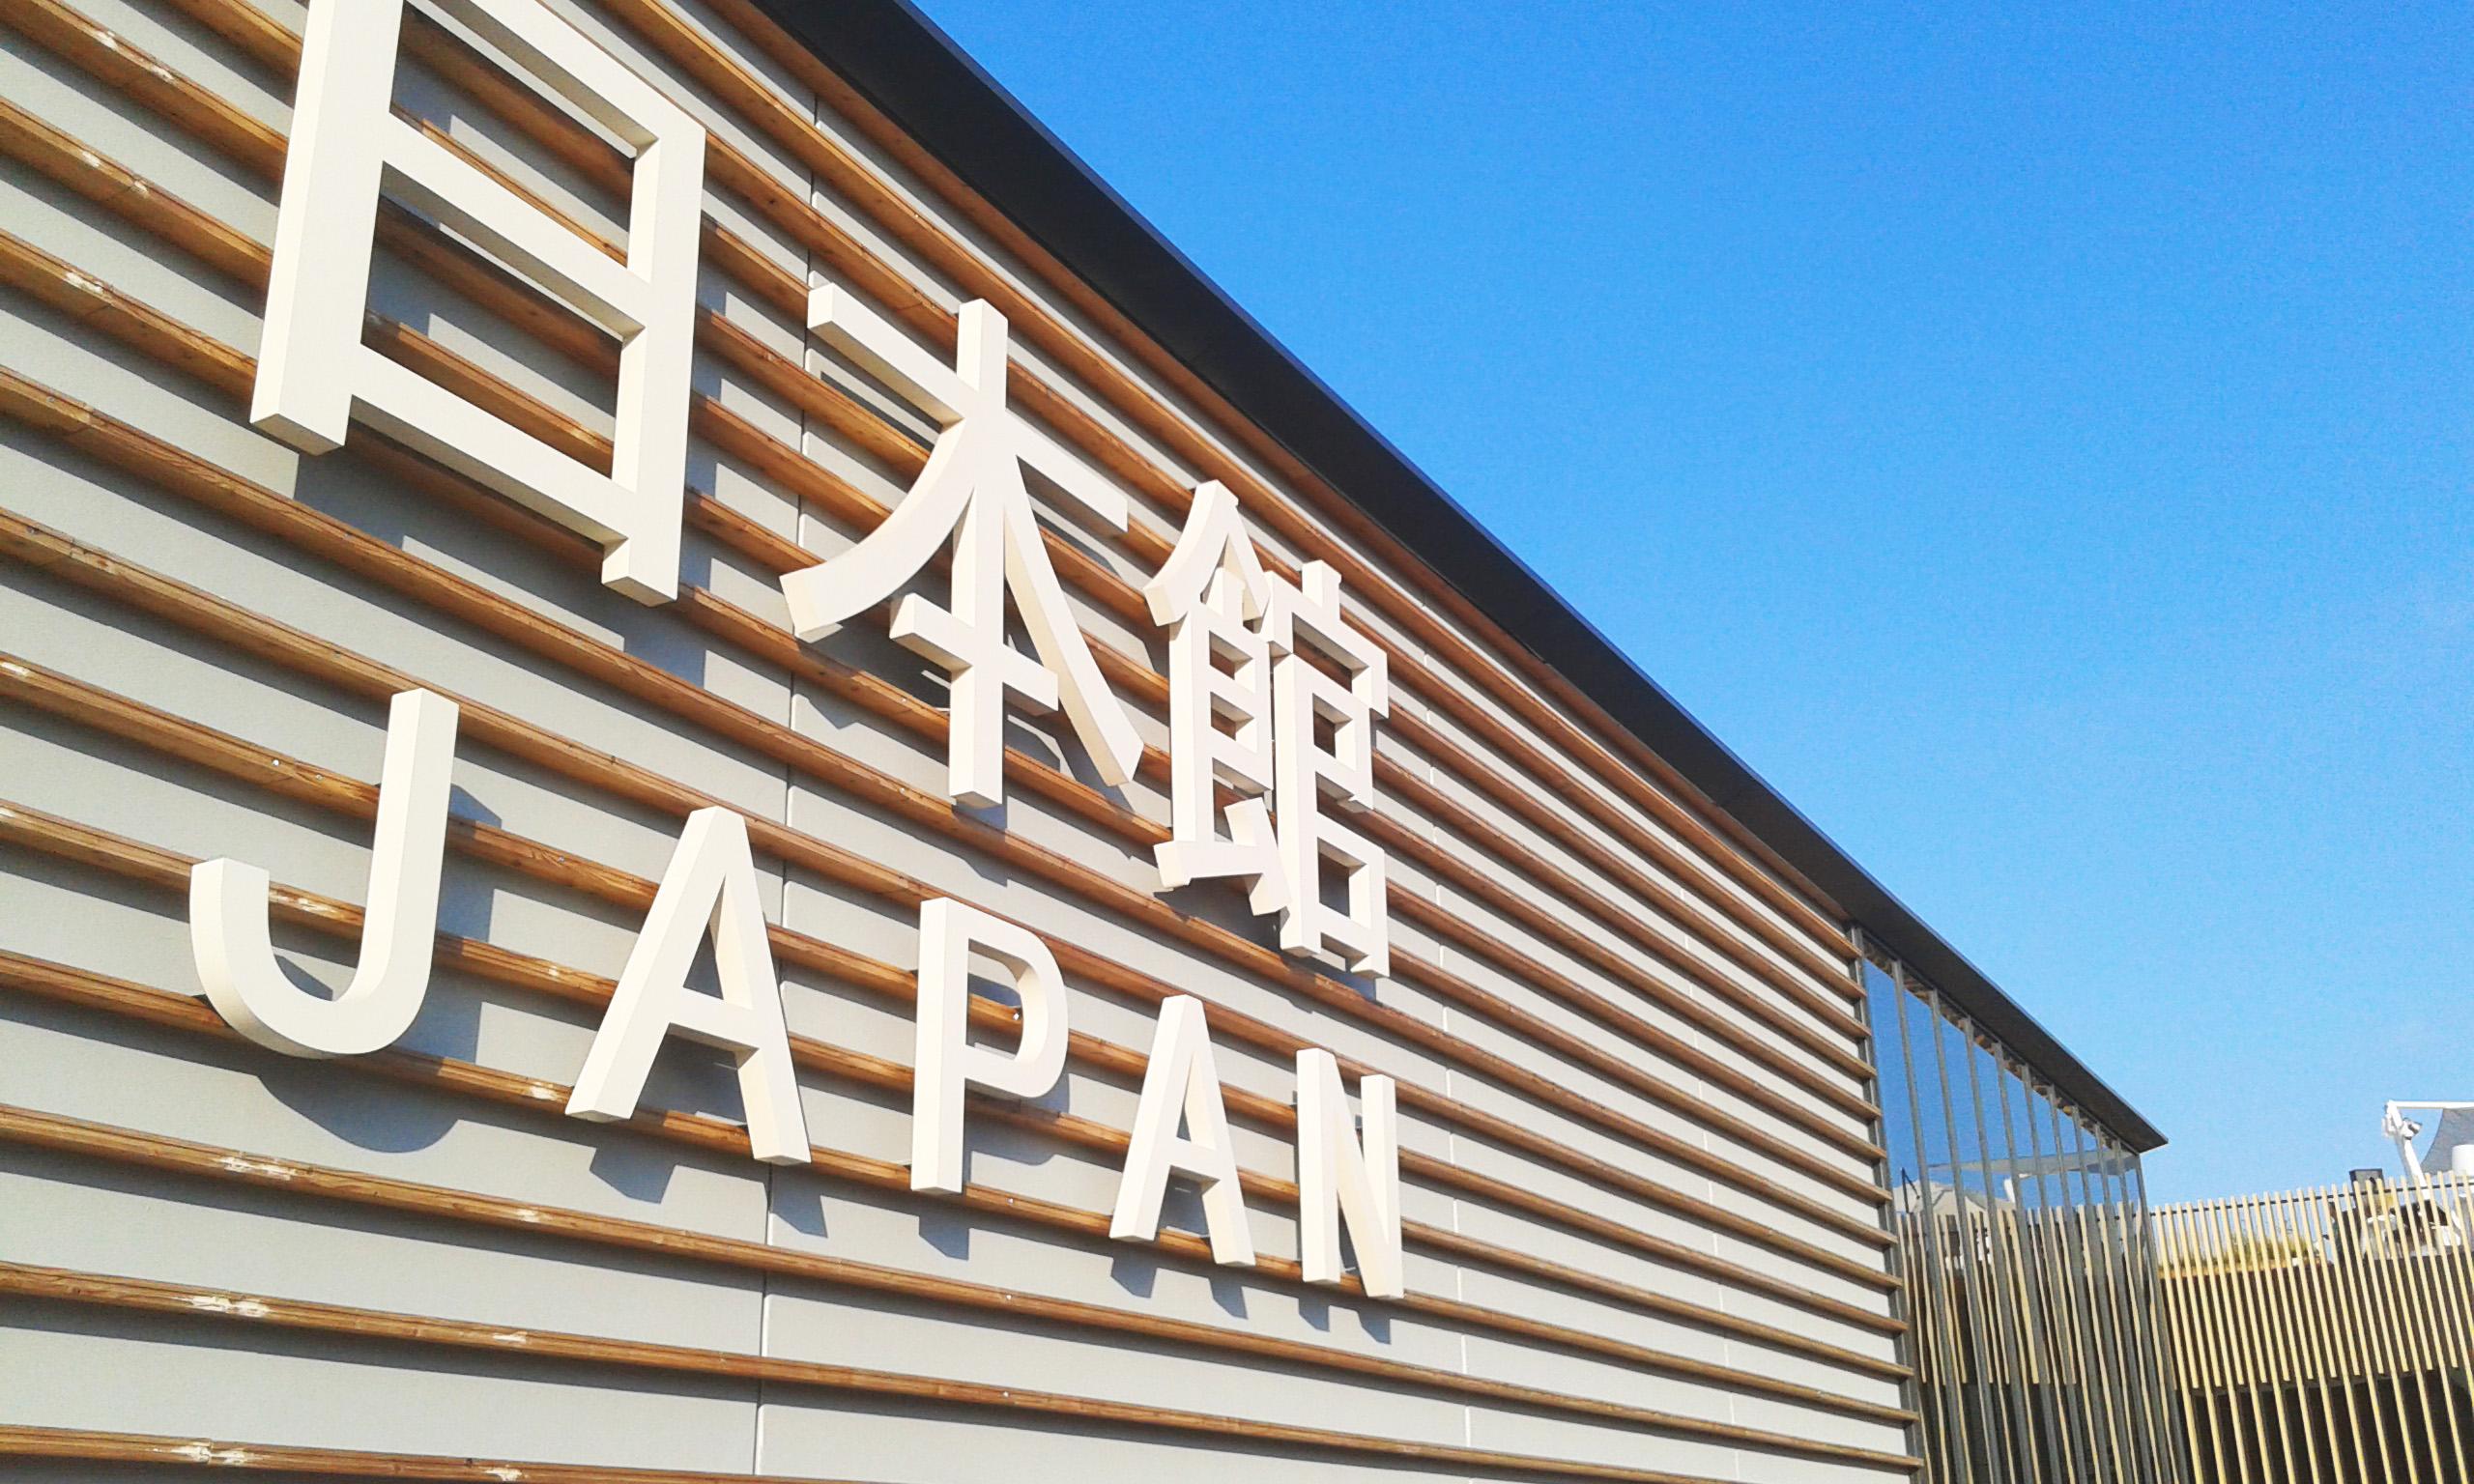 Il Padiglione giapponese visto dal decumano